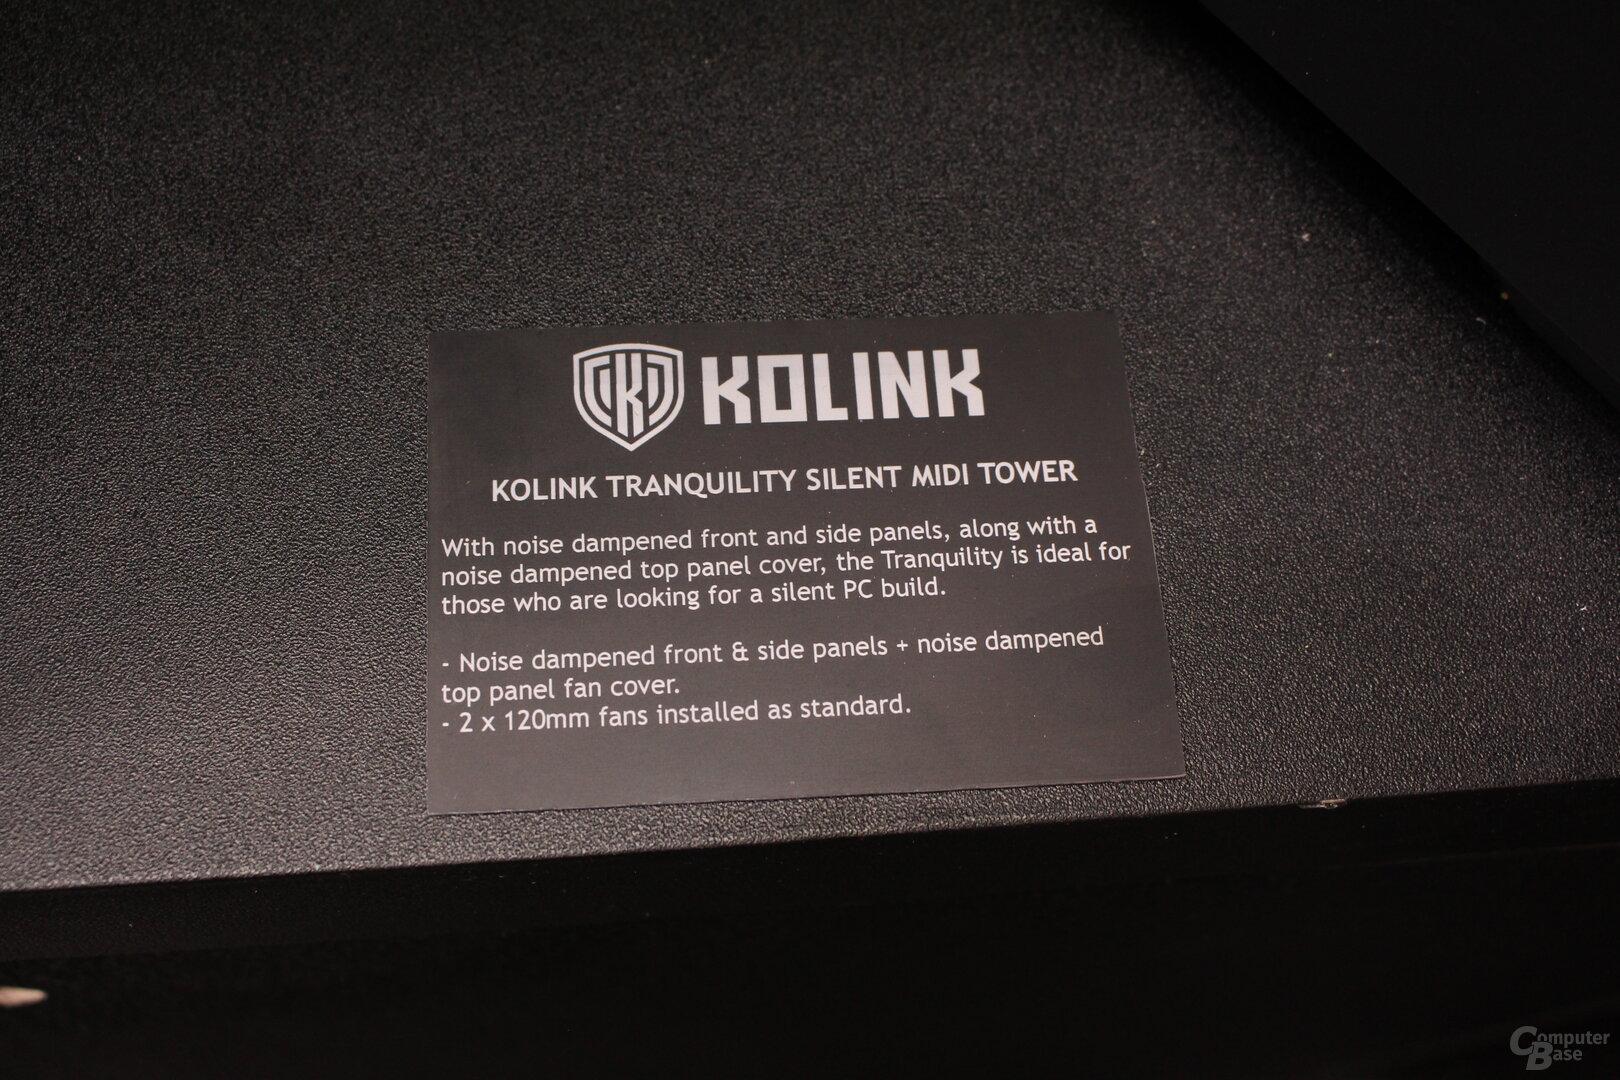 Kolink Tranquility Silent